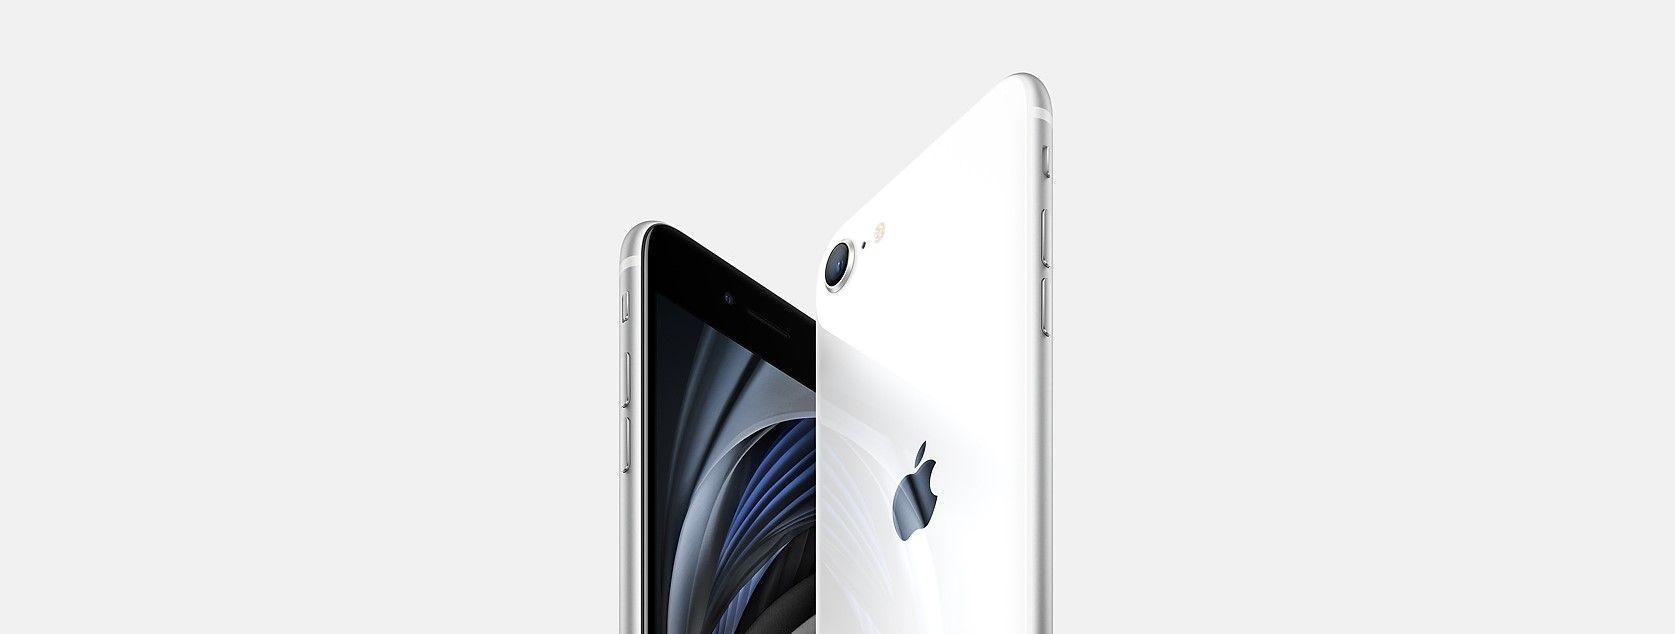 iPhone SE 2020 хорошая ли камера